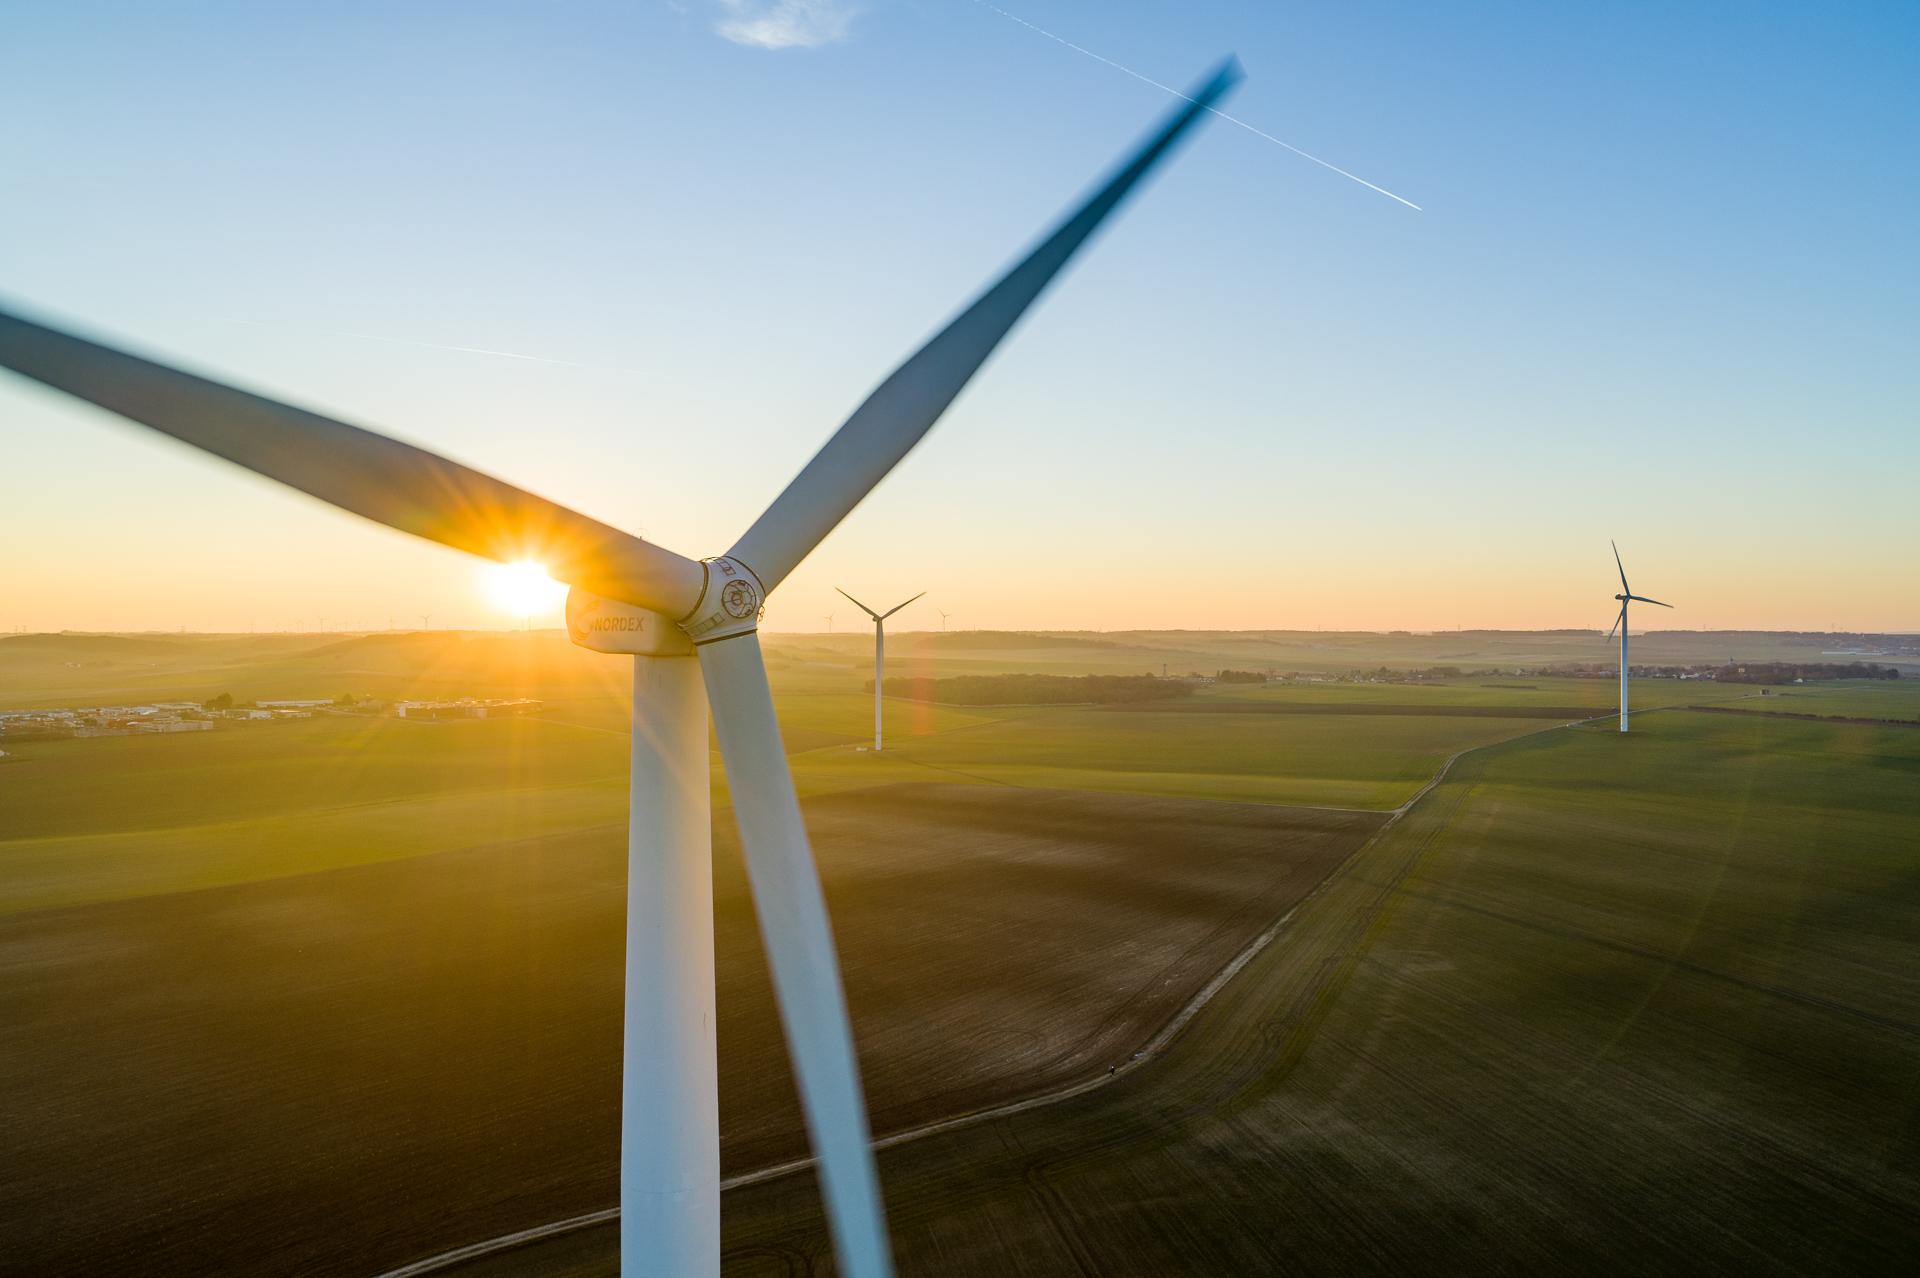 Kallista_Energy_Picardie_Breteuil-0605©Stephane_Leroy.jpg